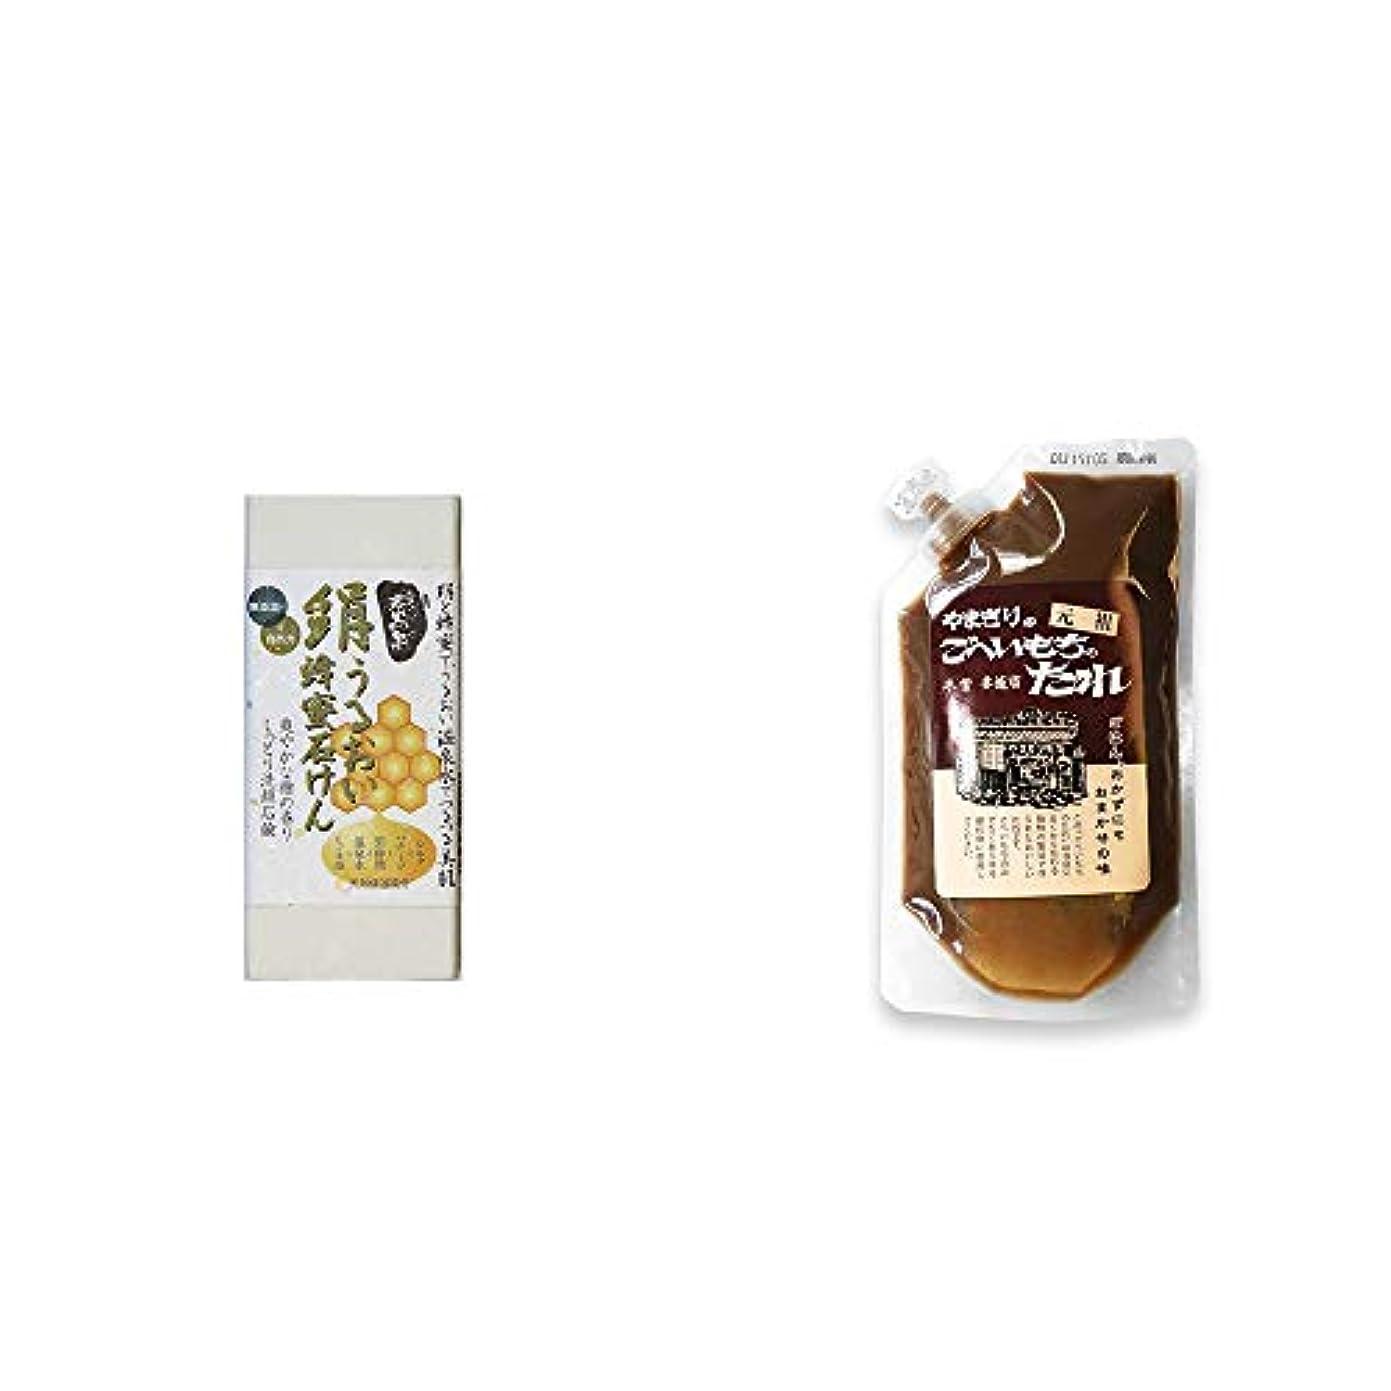 使用法締め切りカレンダー[2点セット] ひのき炭黒泉 絹うるおい蜂蜜石けん(75g×2)?妻籠宿 やまぎり食堂 ごへい餅のたれ(250g)